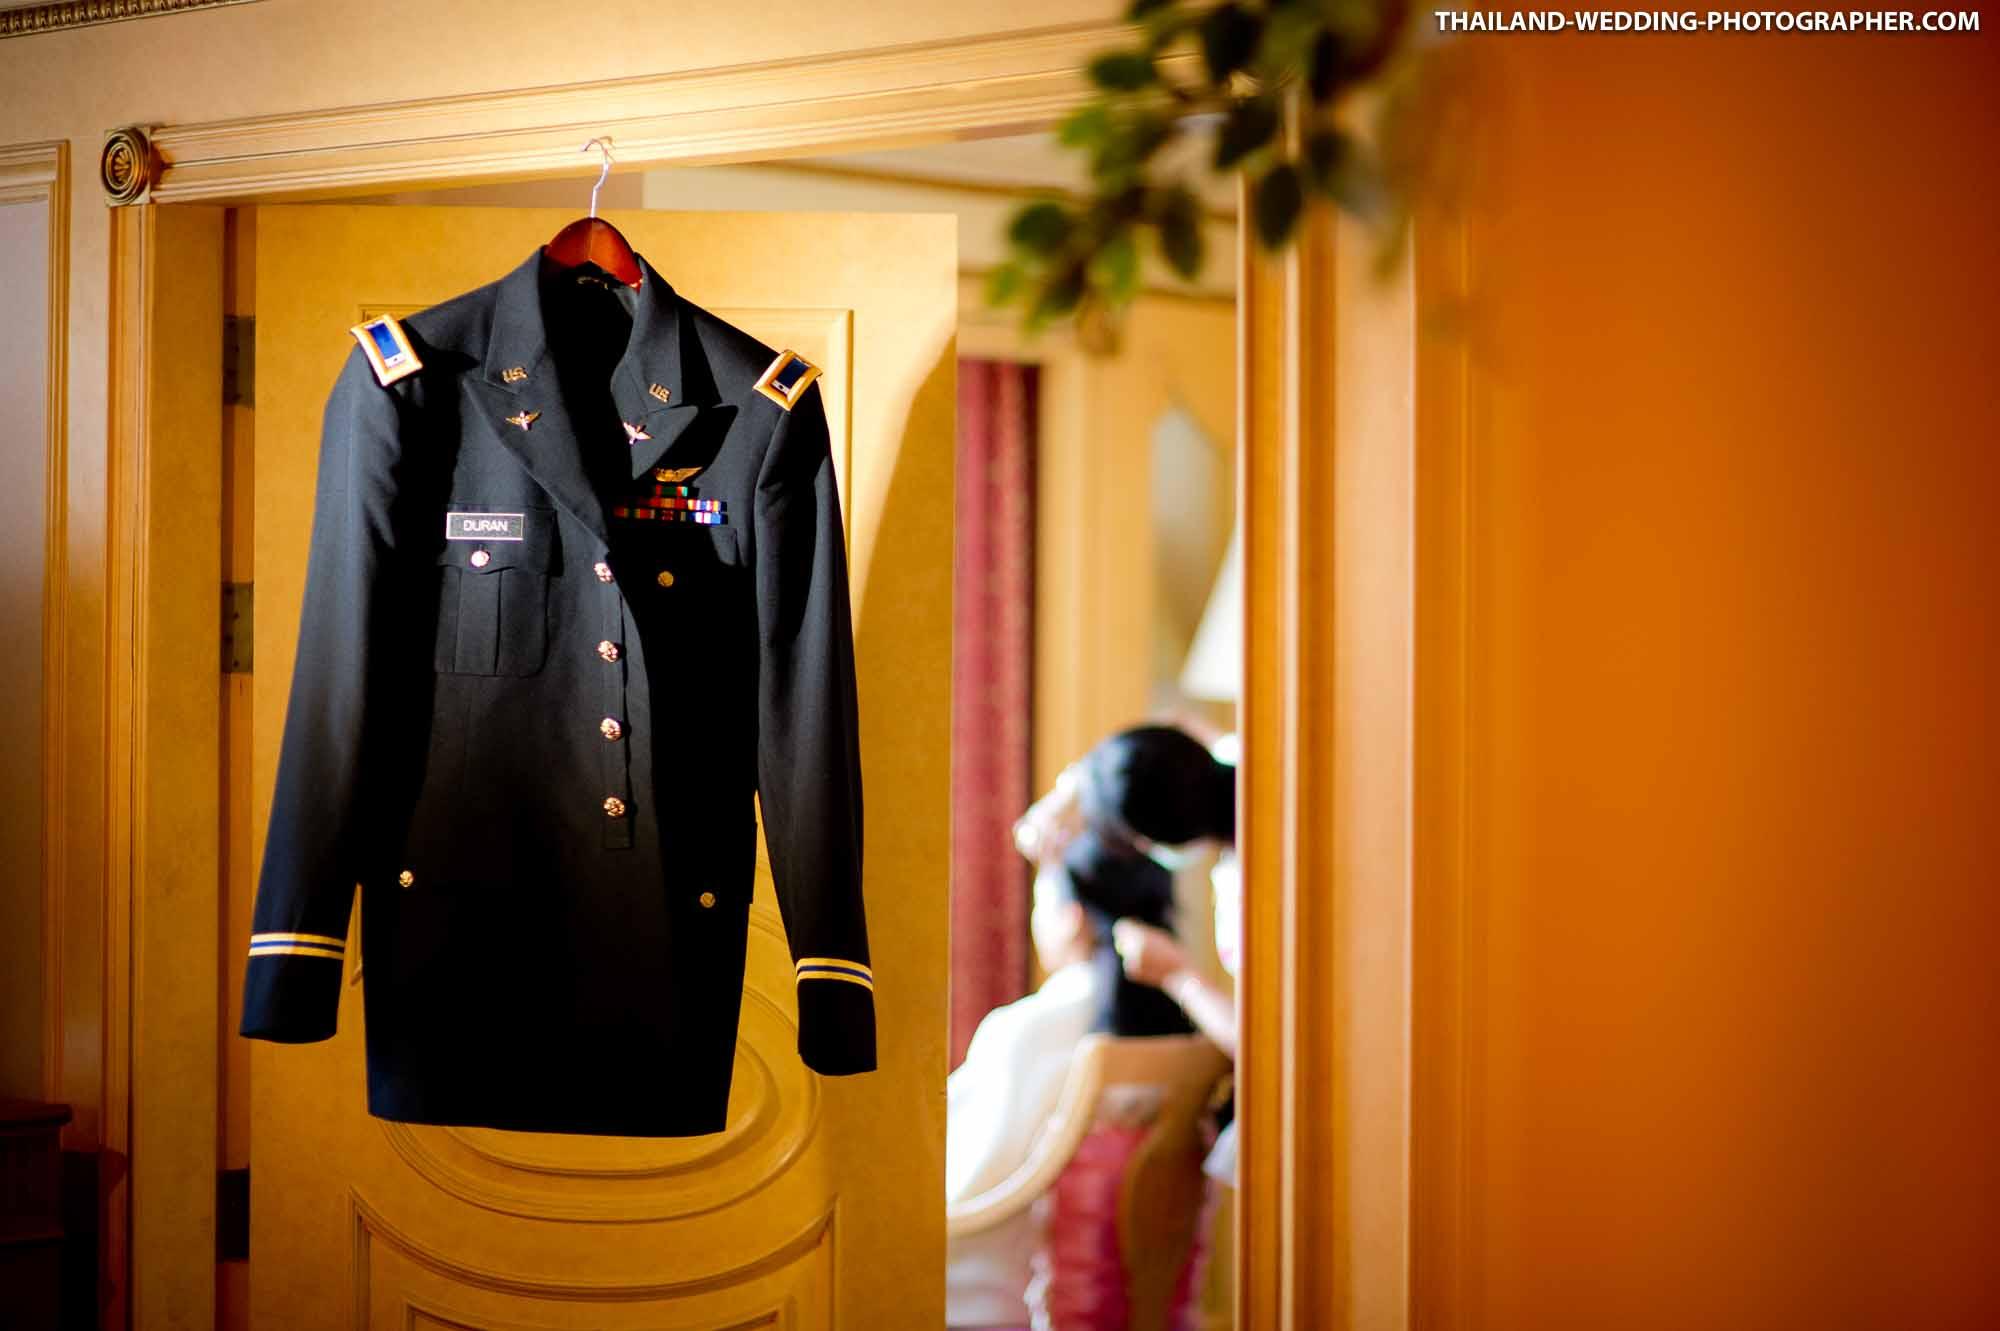 Golden Tulip Sovereign Rama 9 Wedding Photography